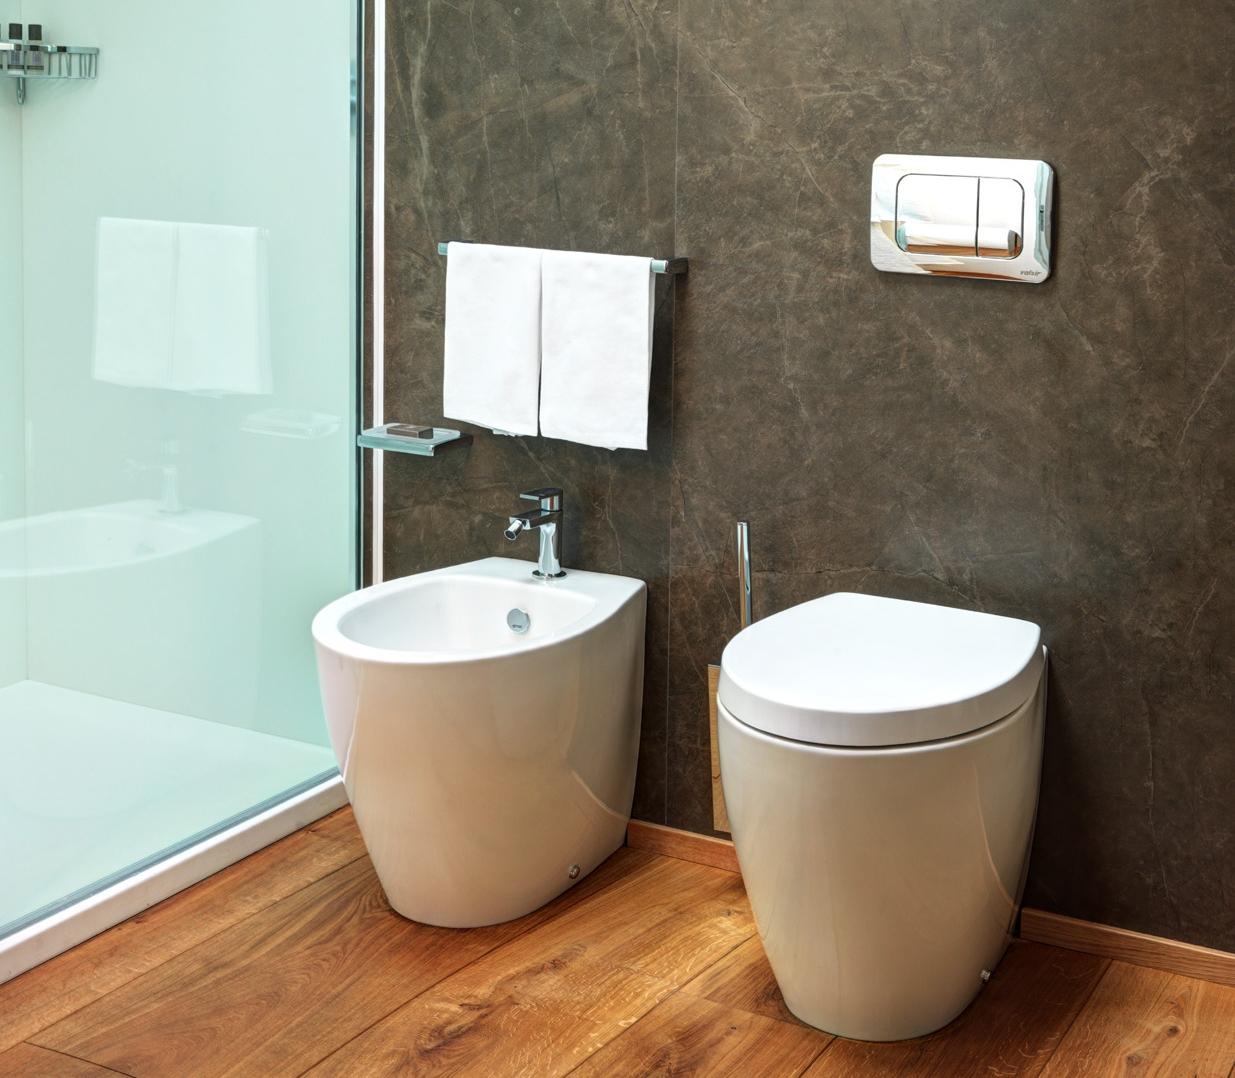 Sanitari simas serie lft spazio filo parete edilia srl - Smalto per pareti bagno ...